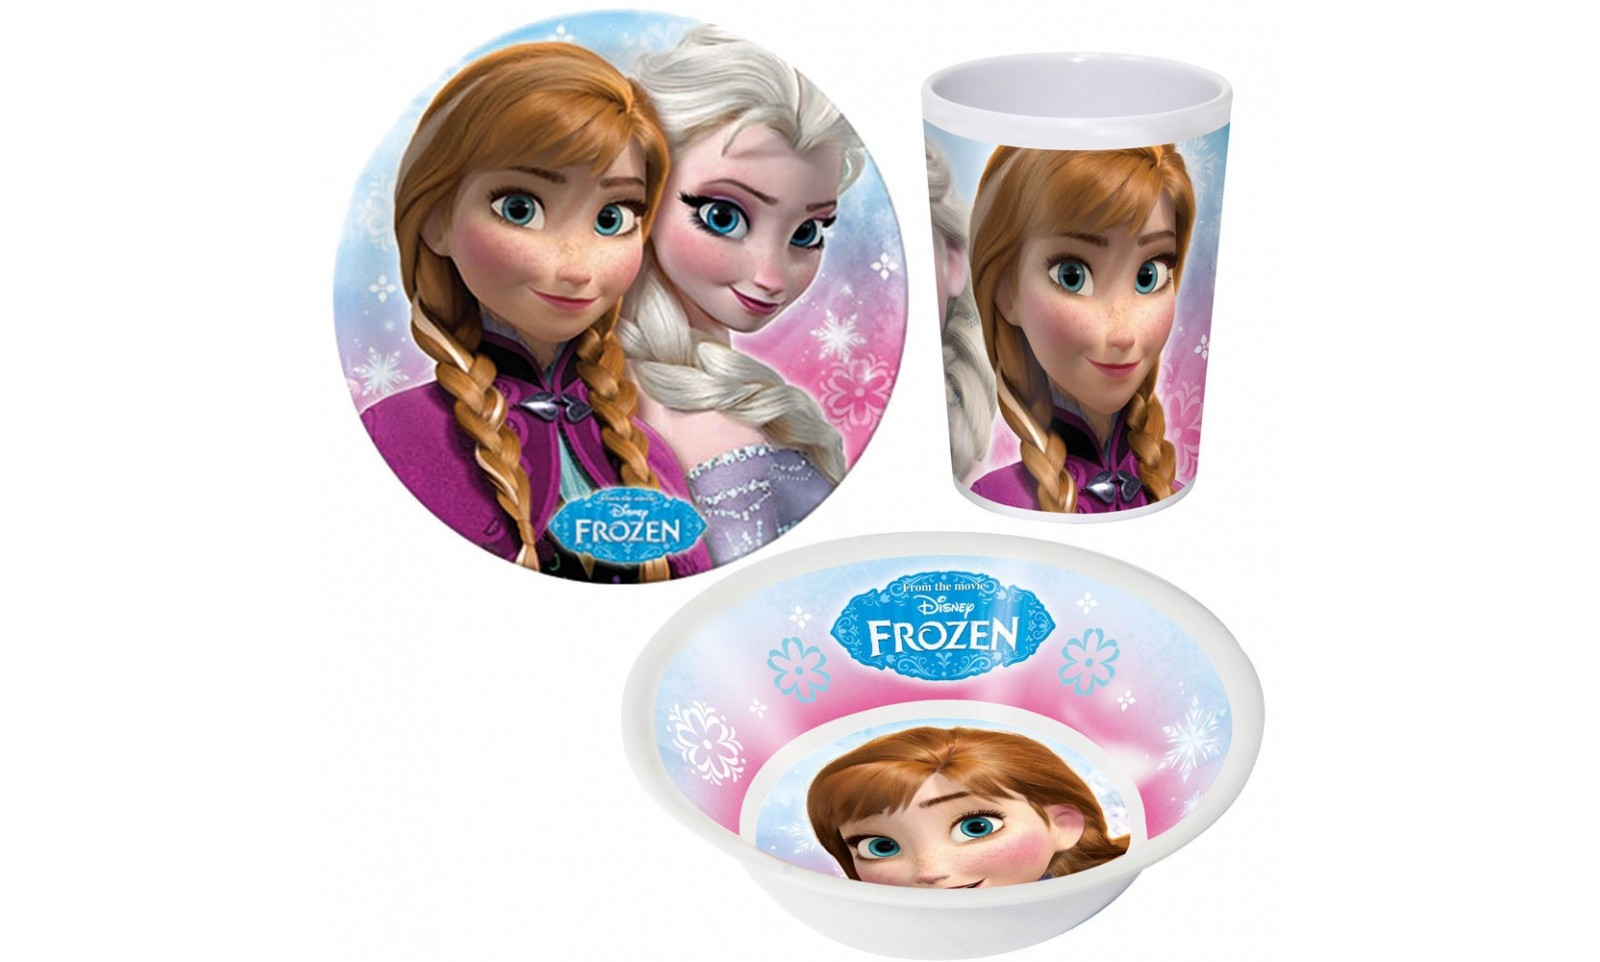 La reine des neiges set petit d jeuner anna et elsa goodies film cin ma verre disney - Anna elsa reine des neiges ...